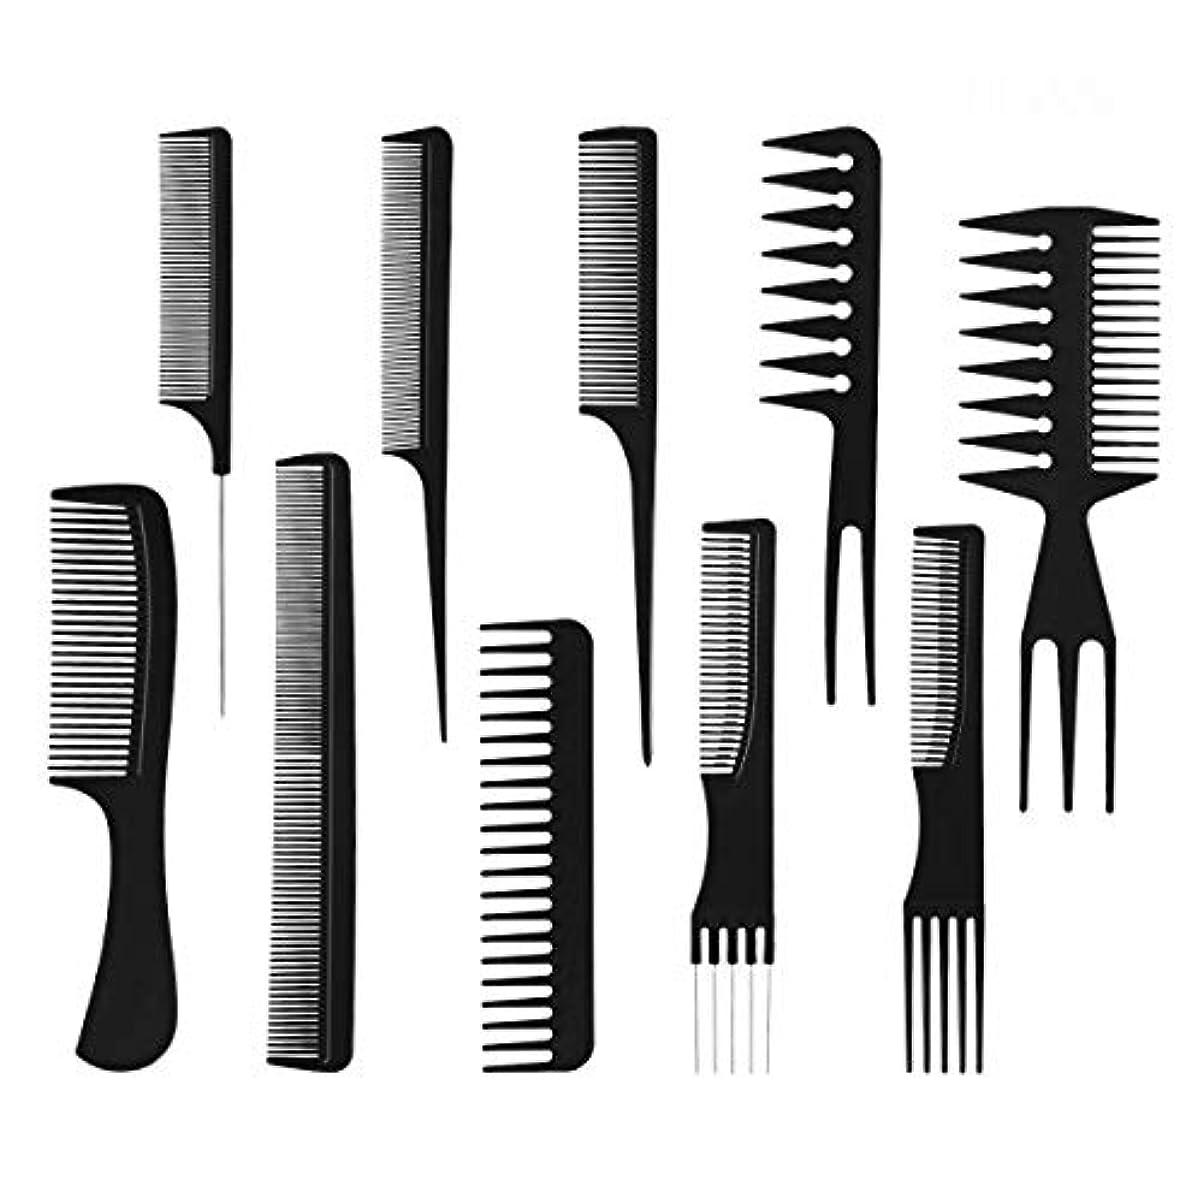 ZHER-LU ヘアブラシ ヘアコーム 髪櫛 プラスチック 理髪道具 美容ツール 美髪セット 美容 理容 散髪 美容師 専用 家庭用 静電気防止 ブラック 10本セット